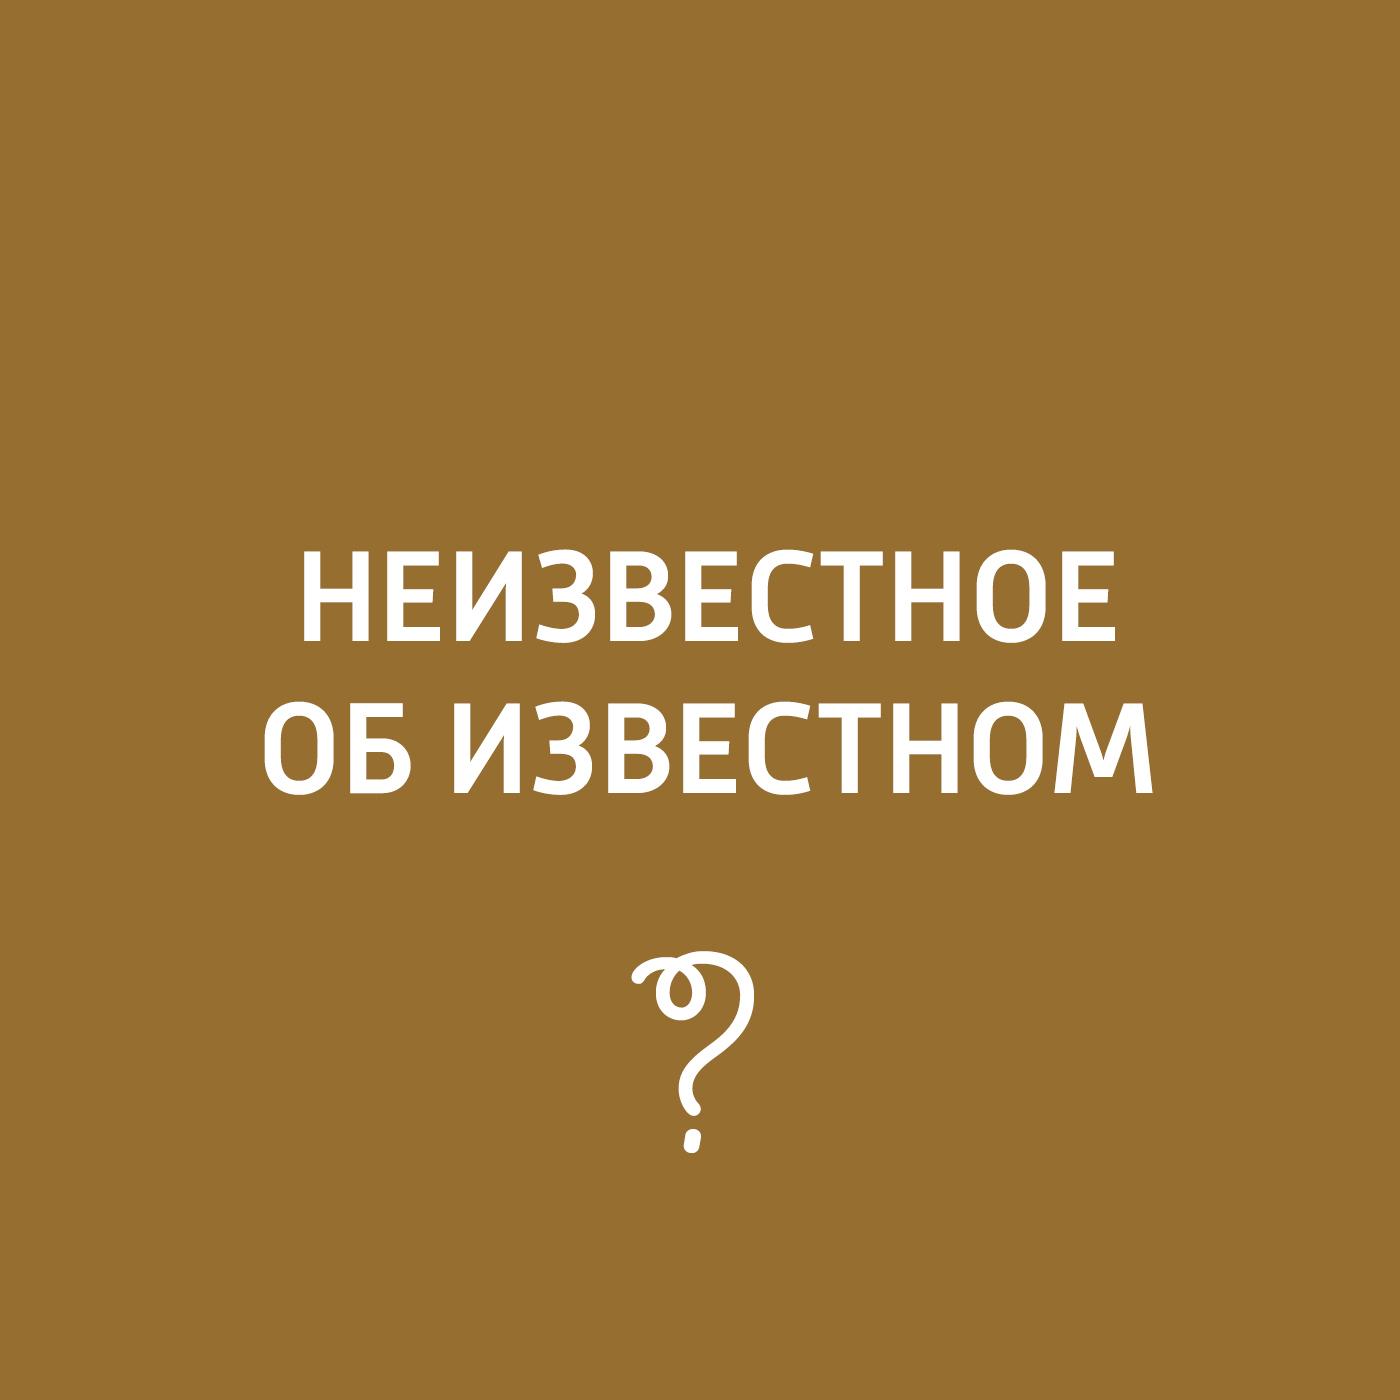 Творческий коллектив программы «Пора домой» Алексей Щусев алексей клочковский жить – интересно